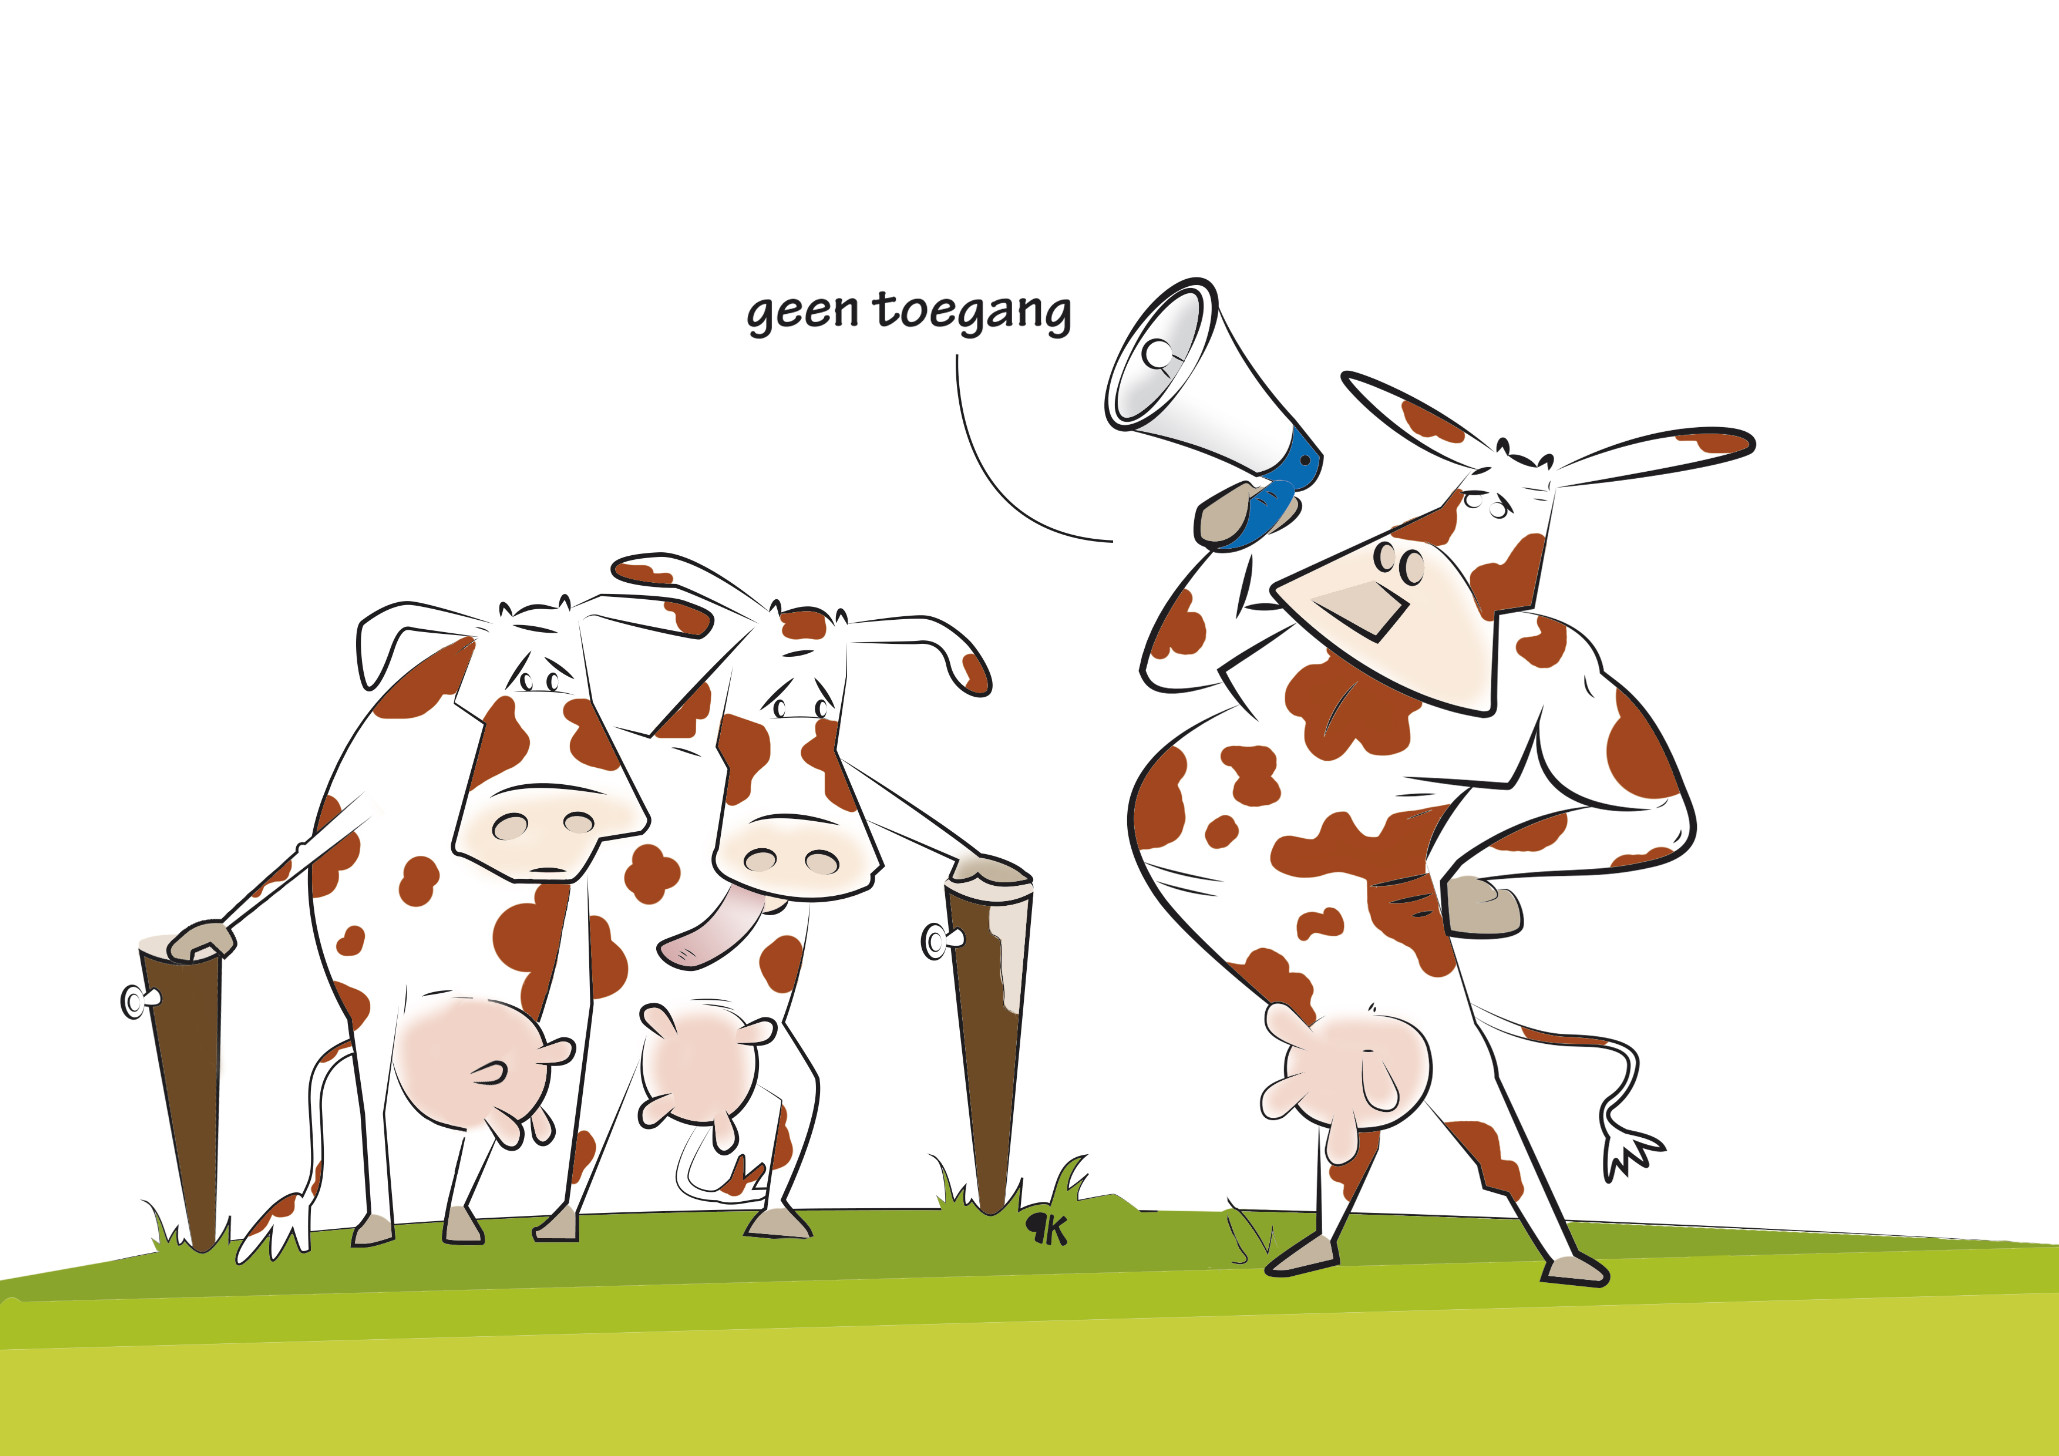 Vier varkenshouders zetten vleesconcept Ruygveen op